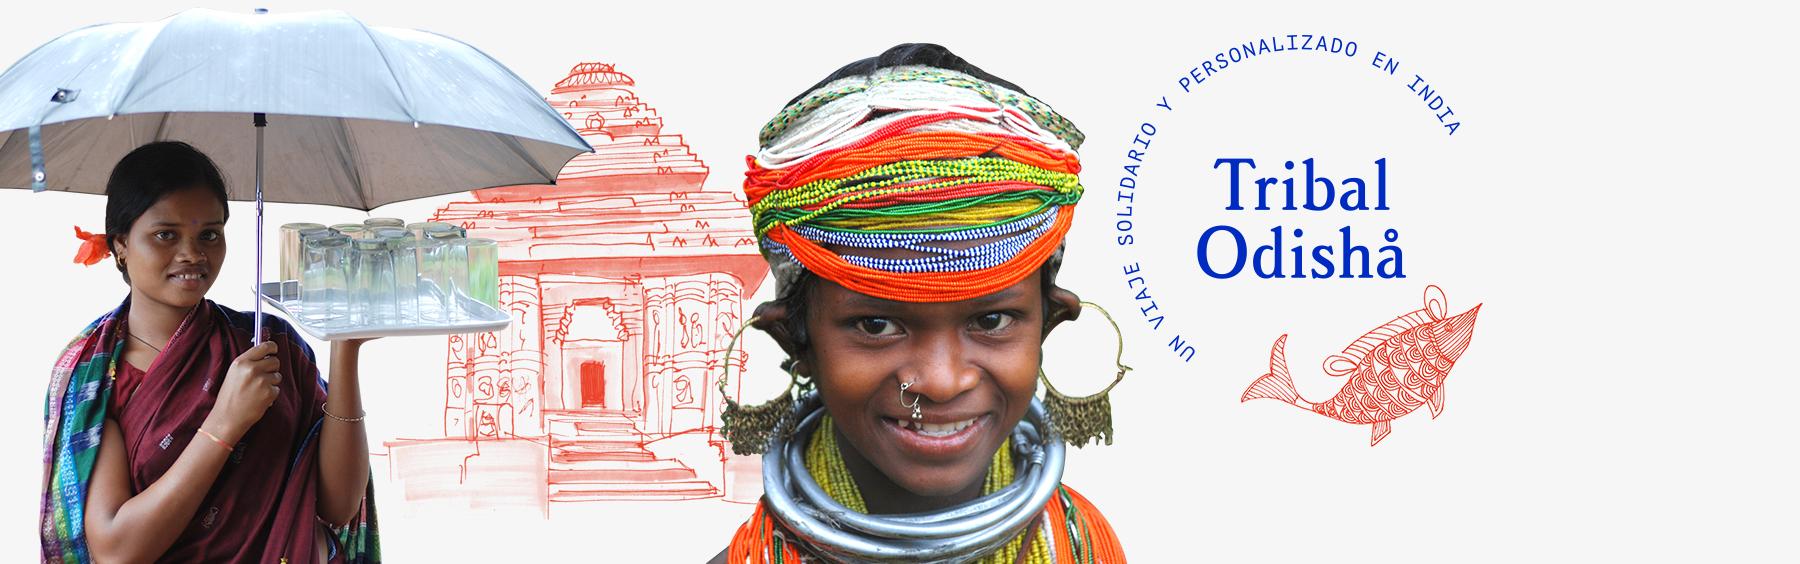 Viaje solidario a Odisha